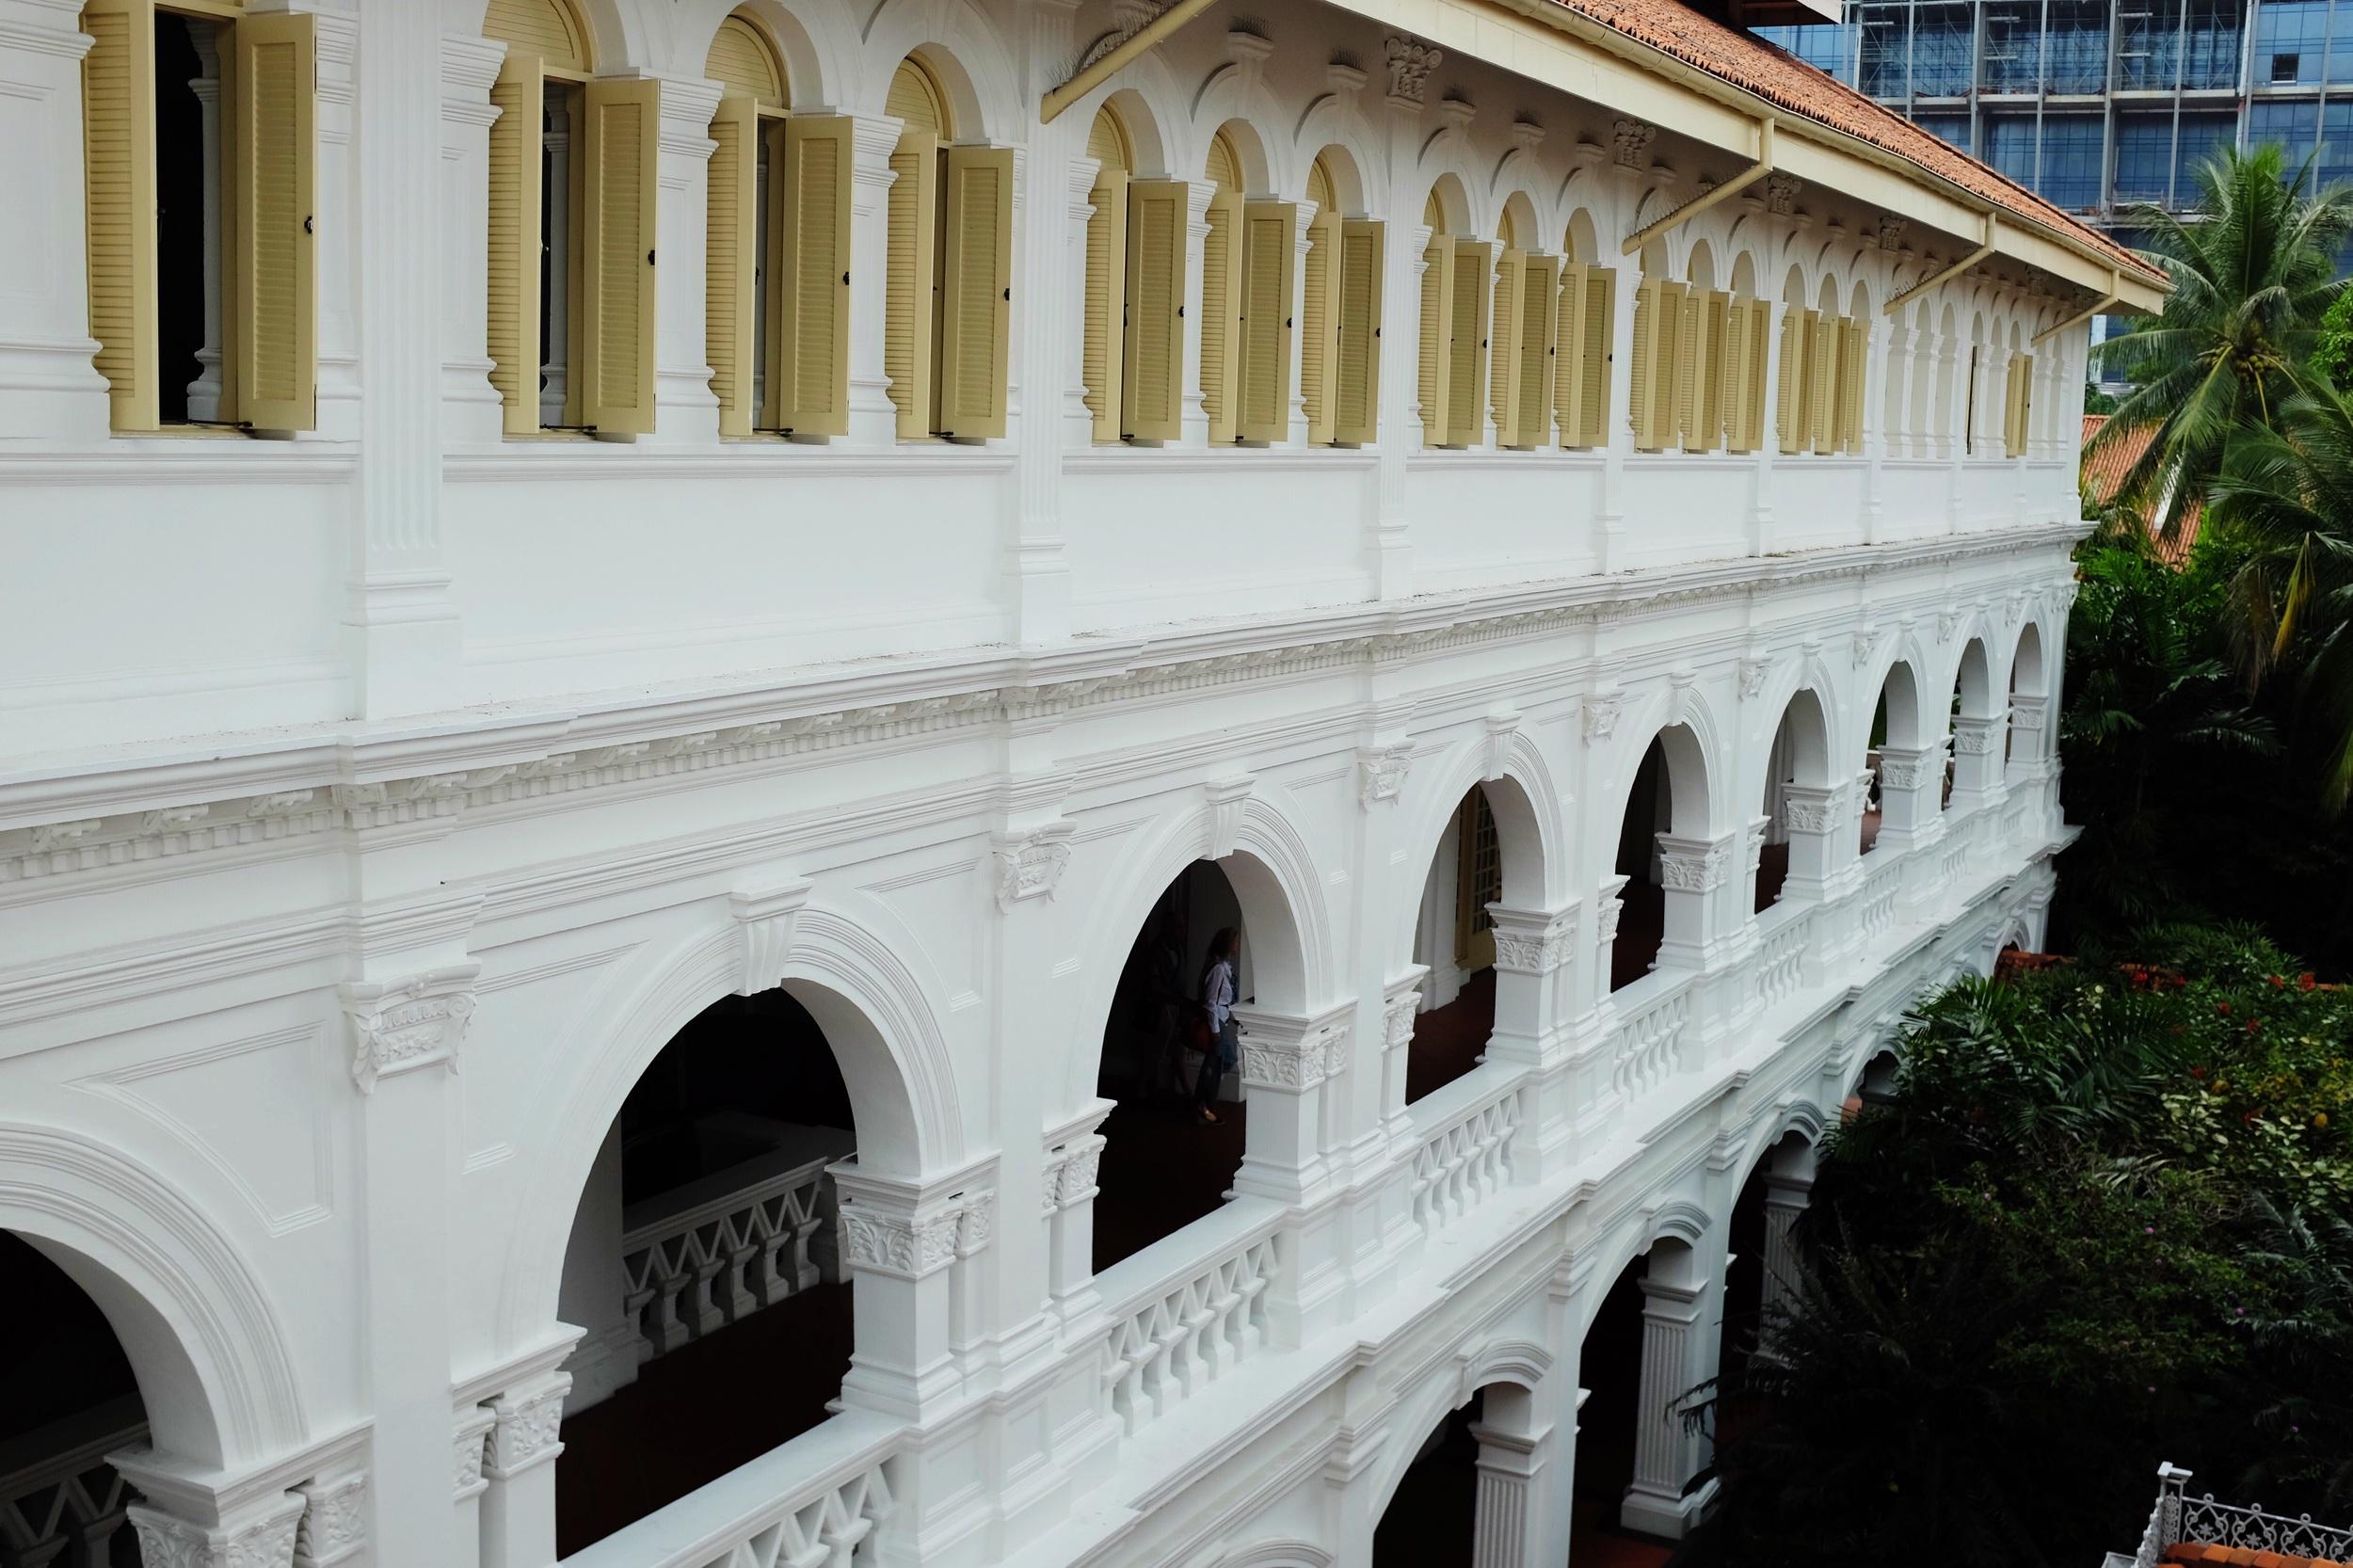 Three floors of arcades